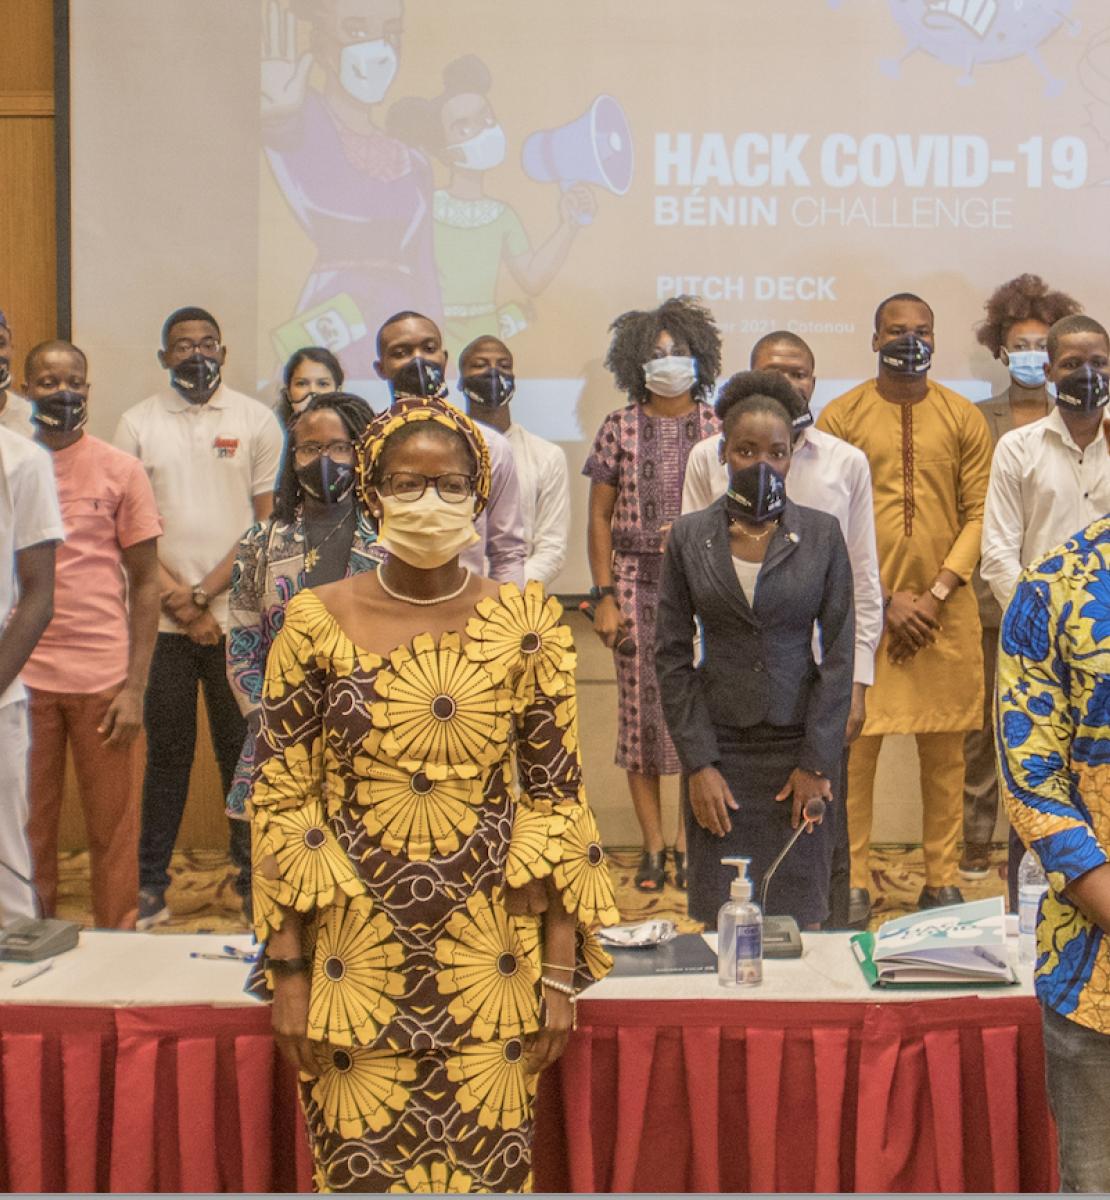 """Un grand groupe de personnes composé de femmes et d'hommes portant des masques de protection se tiennent debout dans une grande salle, face à la caméra, devant un grand écran sur lequel sont projetés les mots """"Hack COVID-19""""."""